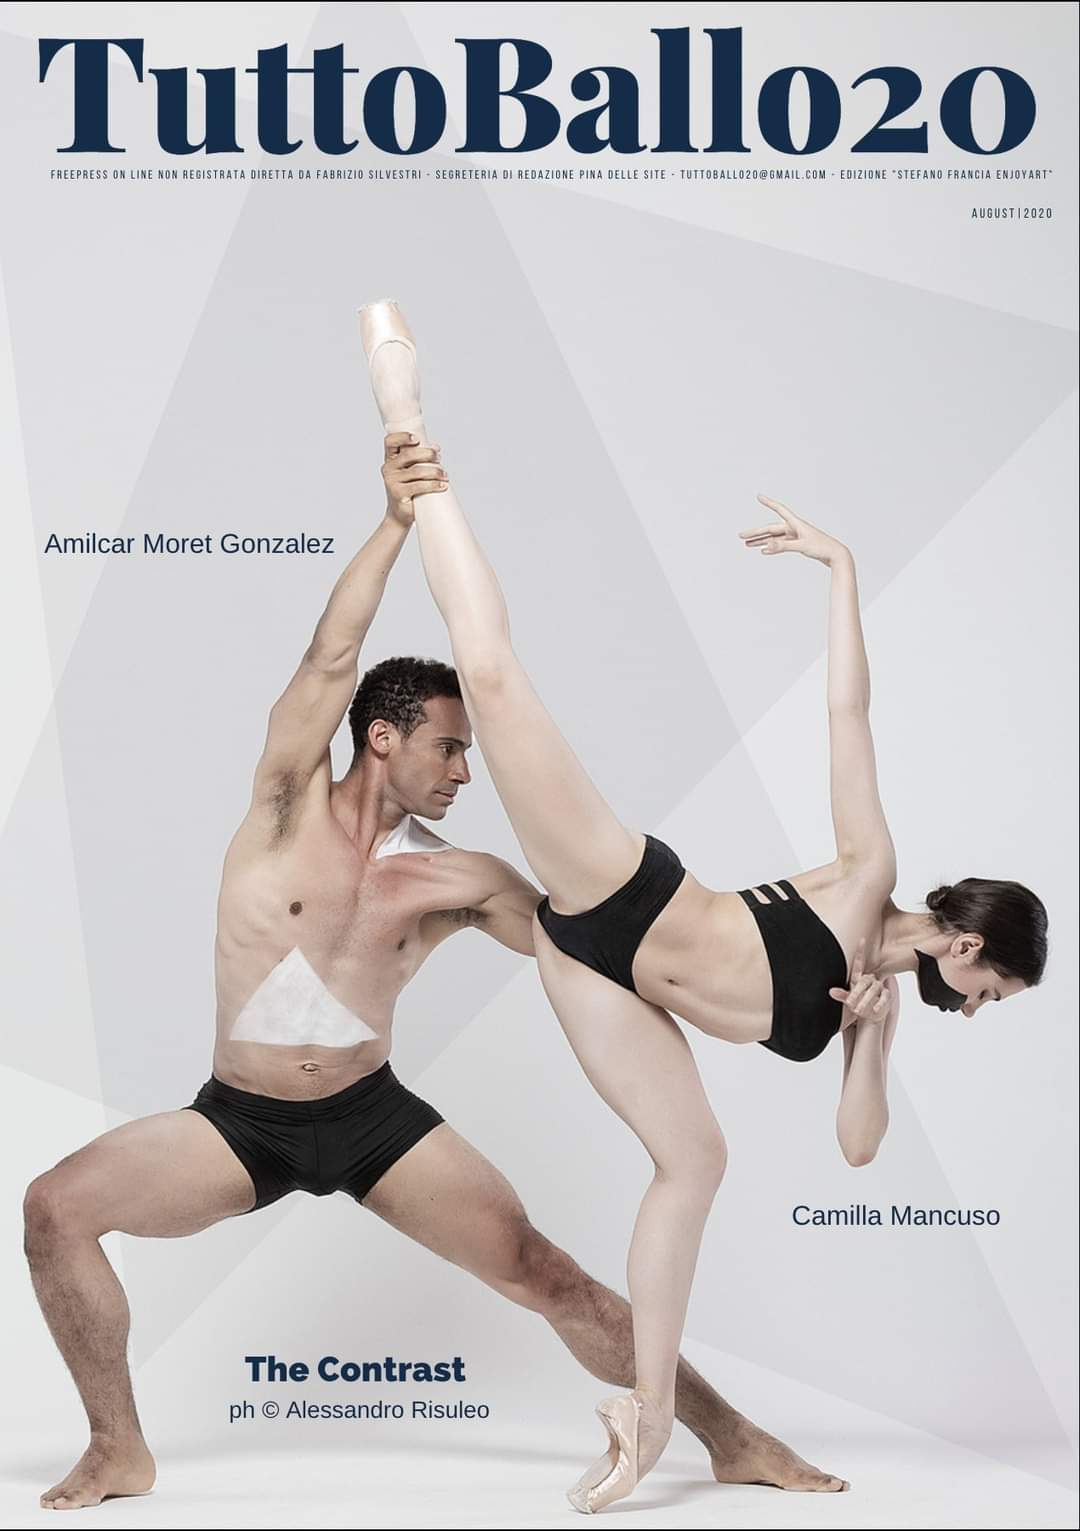 Intervista a Michal Krcmar, Etoile del Balletto Finlandese per TuttoBallo 20